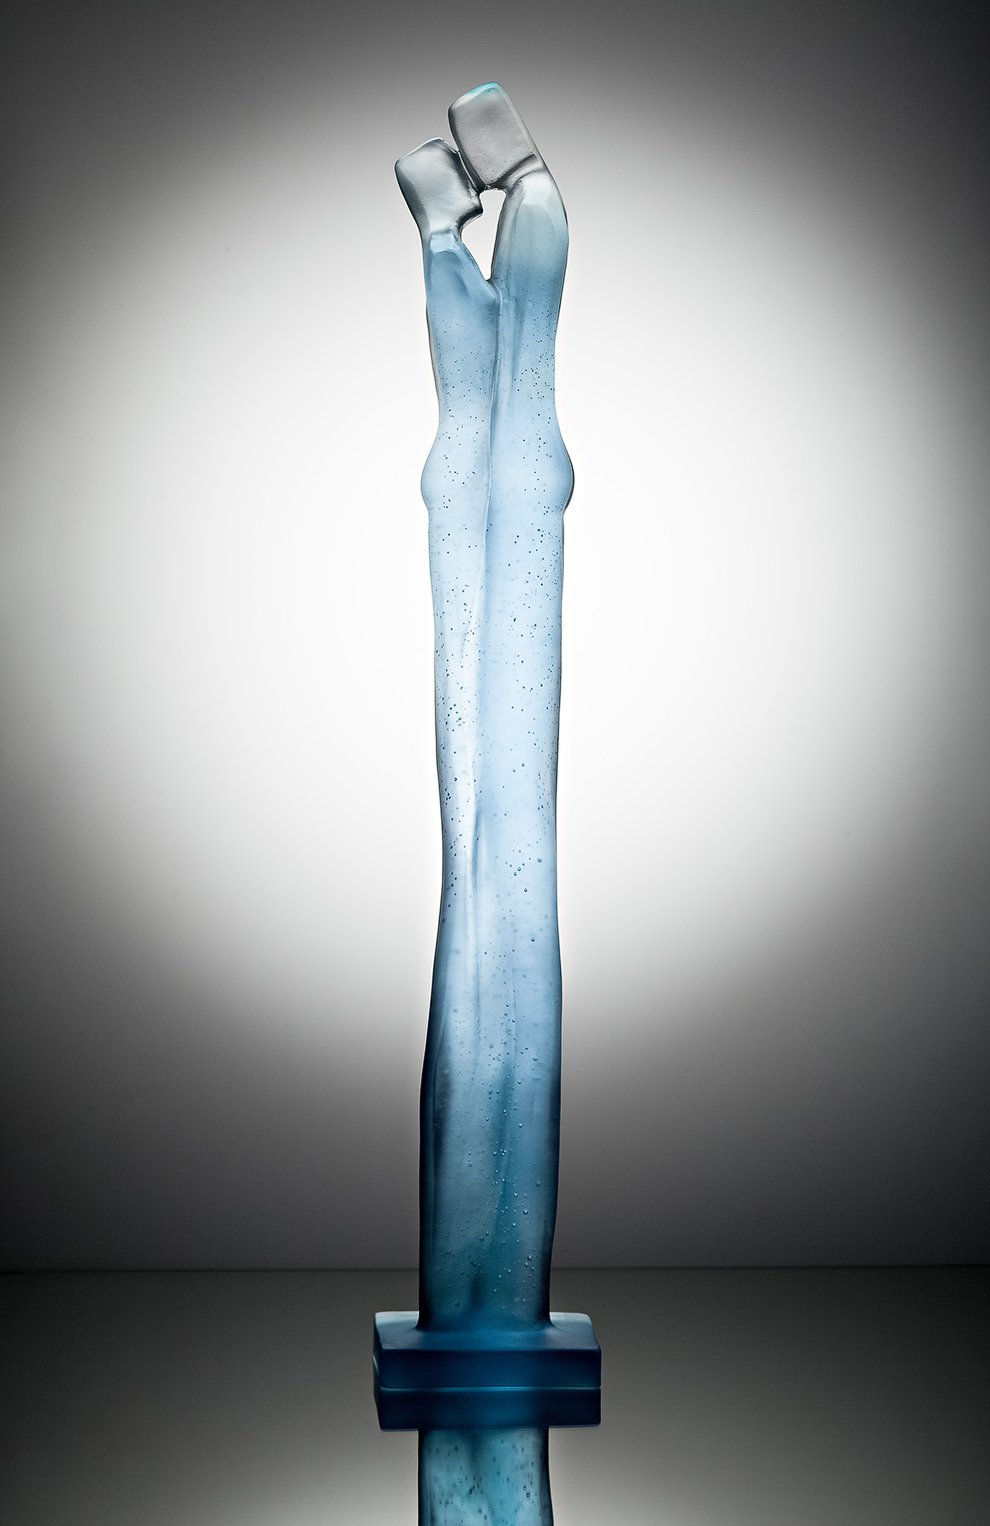 Скульптура Прощание Daum  | Фото №2